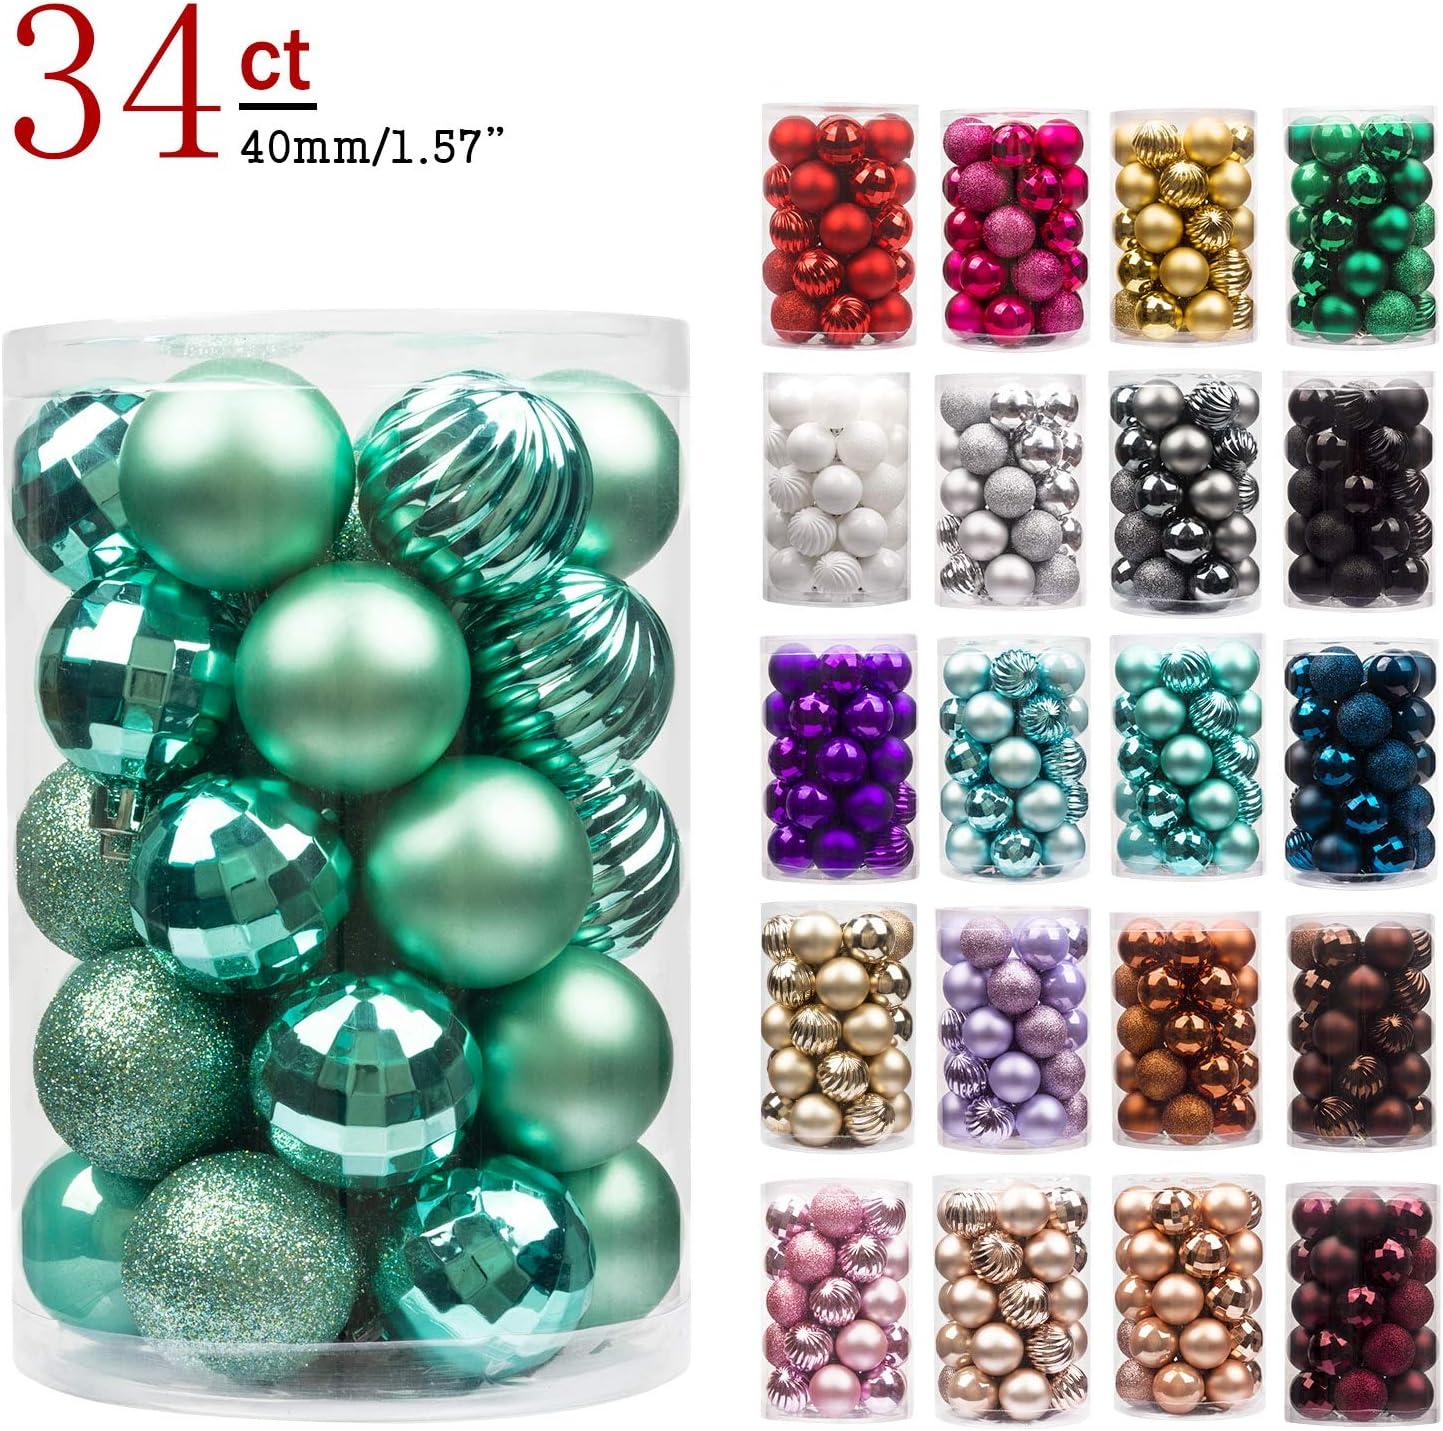 BusyBee Verde Menta Bolas de Navidad de 4cm 34 Piezas para la decoración del árbol de Navidad Adornos de árbol de Navidad